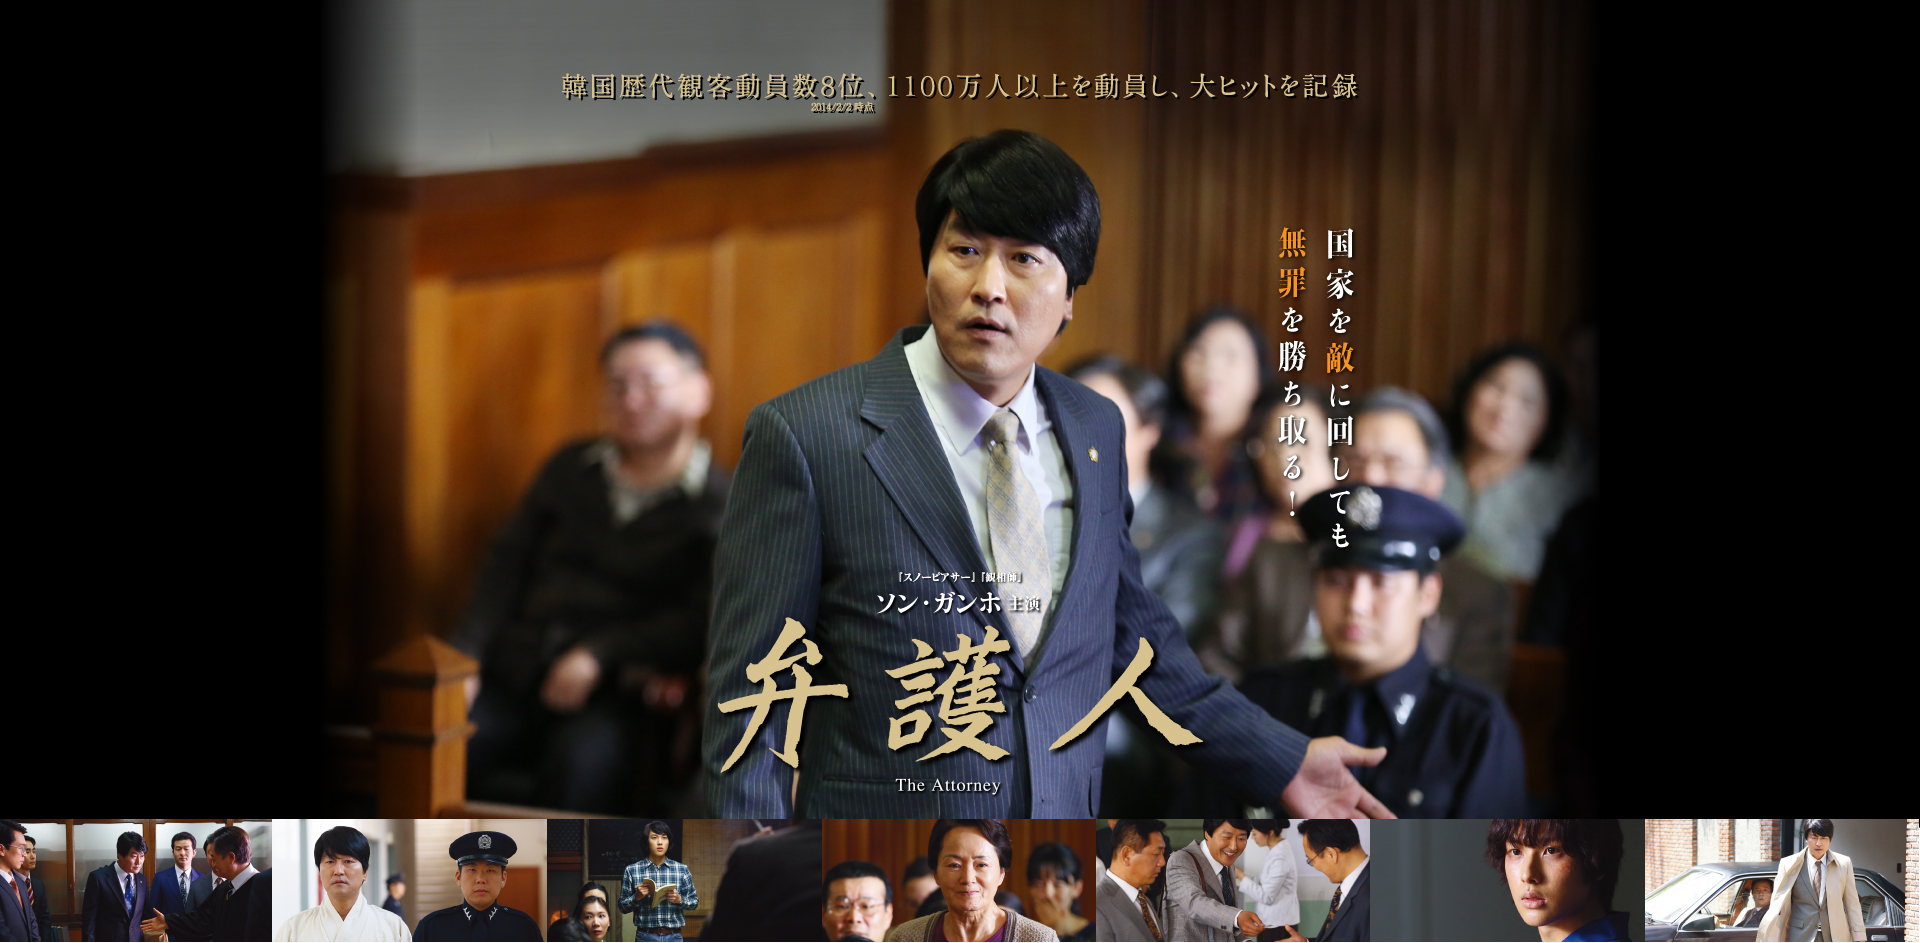 弁護人 監督:ヤン・ウソク 主演:ソン・ガンホ 2013 韓国